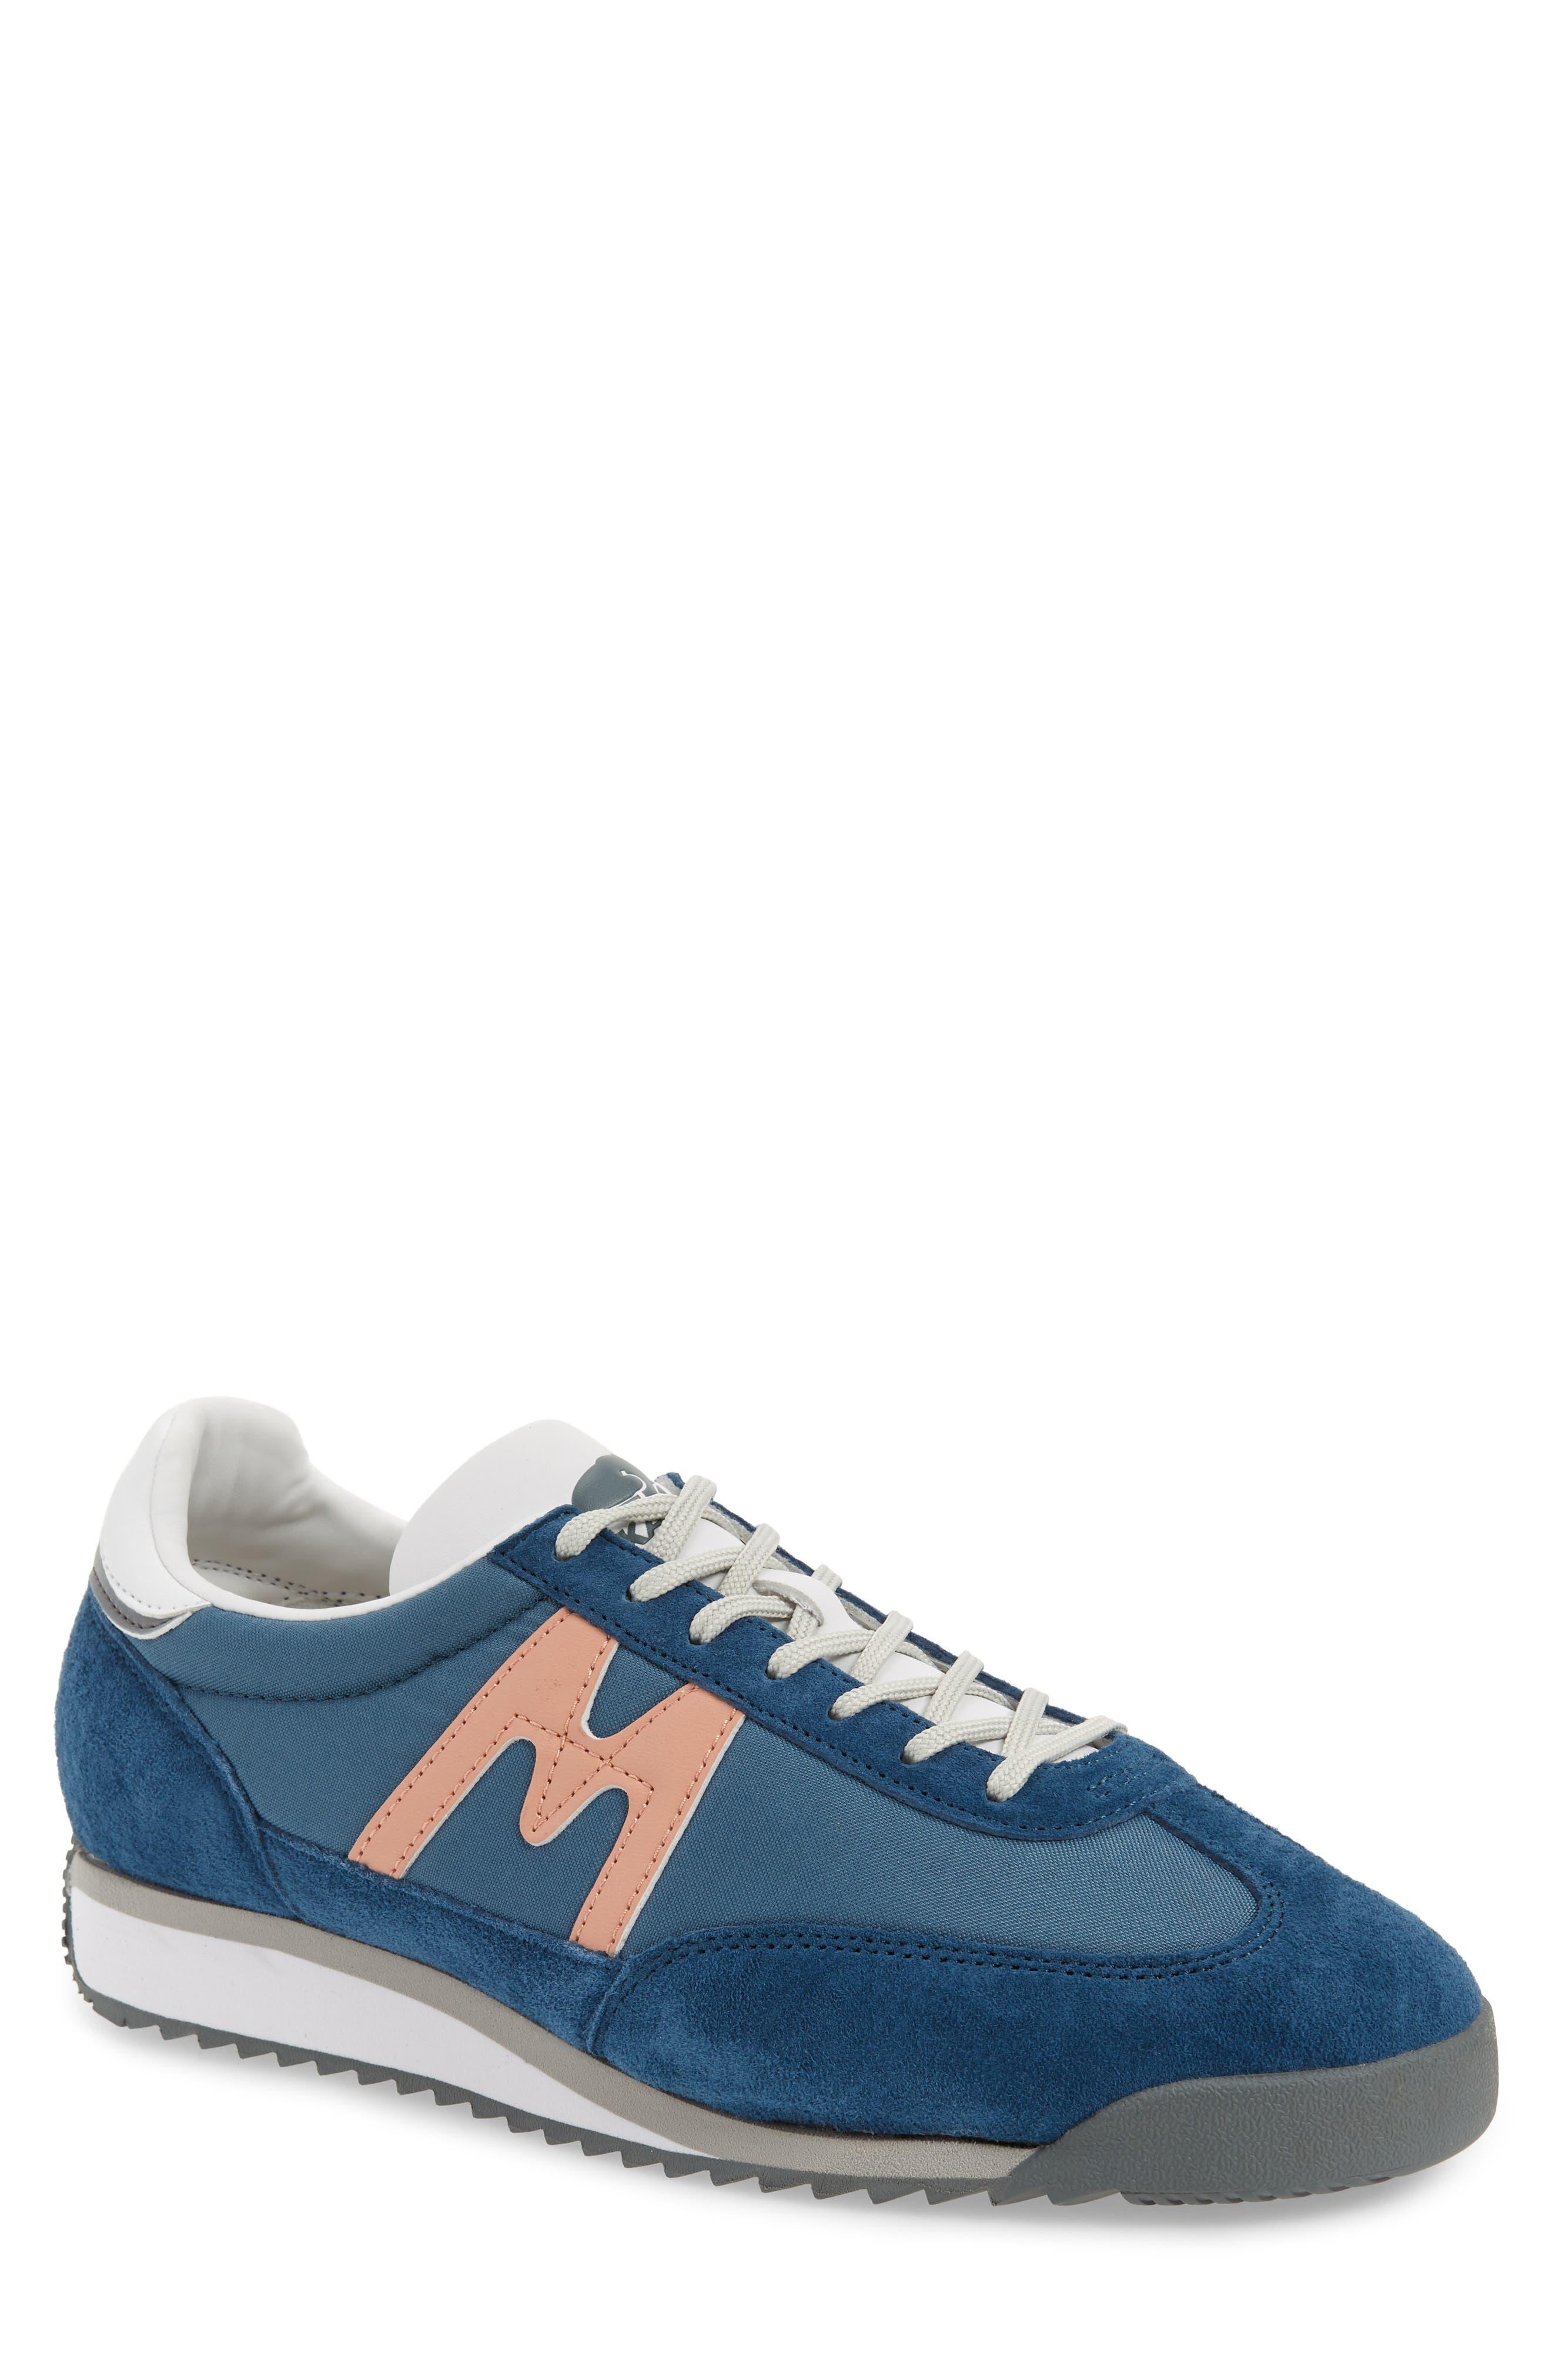 KARHU Championair Sneaker in Real Teal / Muted Clay